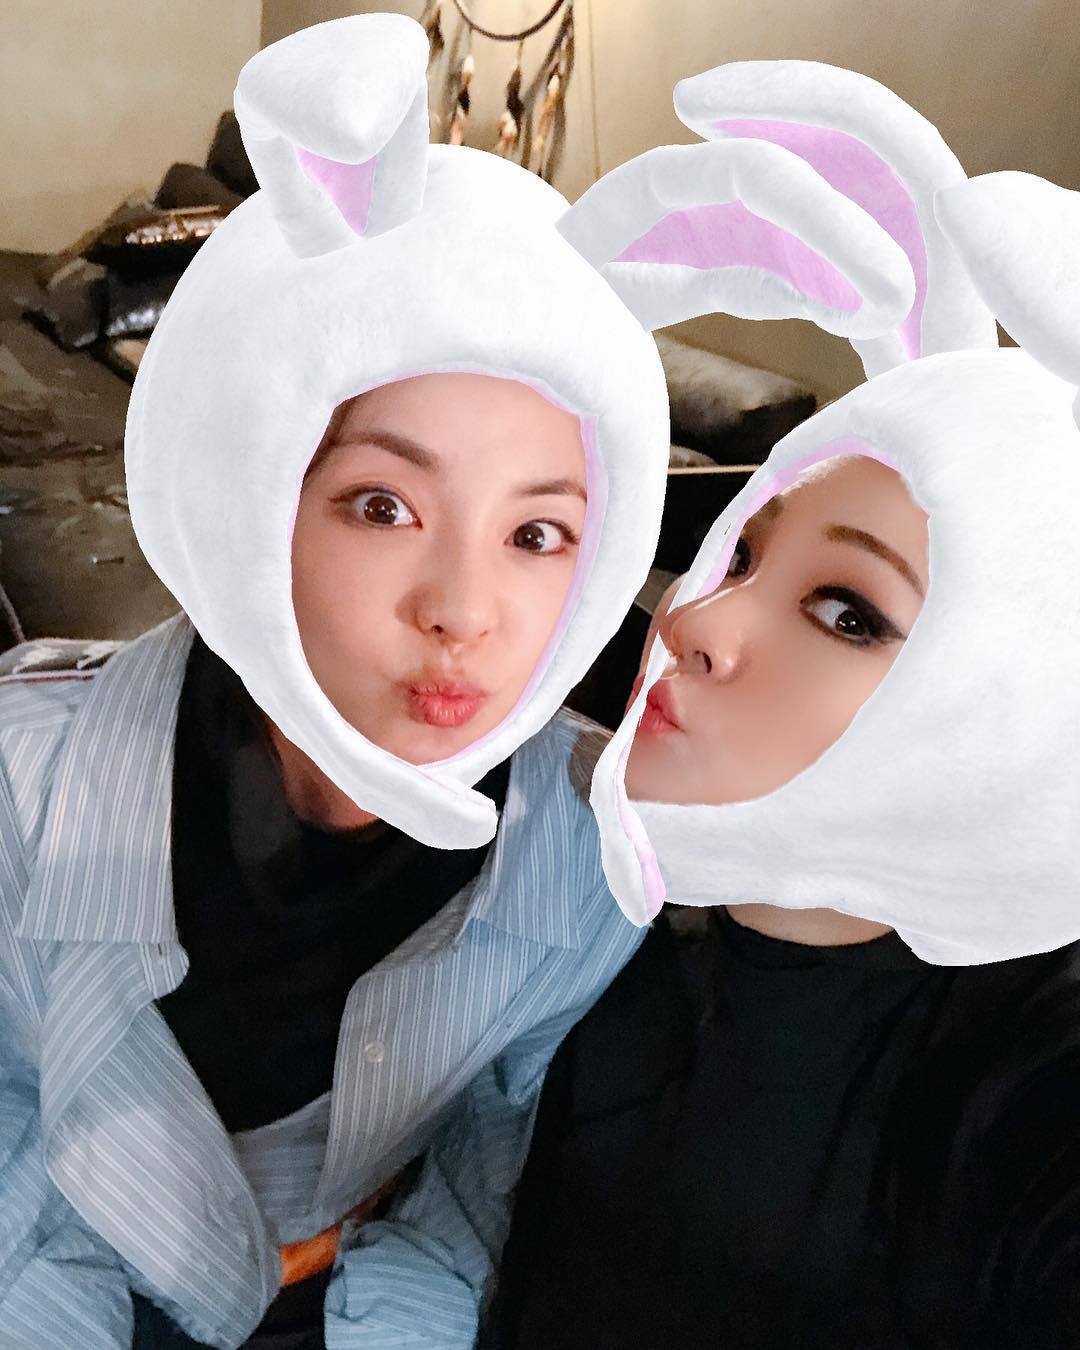 非常有心的Dara還特別在instagram和twitter放上不同的照片分享讓大家看,嘟嘴的模樣和實際年齡的33歲完全無違和,也很難得看到CL裝可愛的模樣,這珍貴程度應該可以拿去表個框了XD